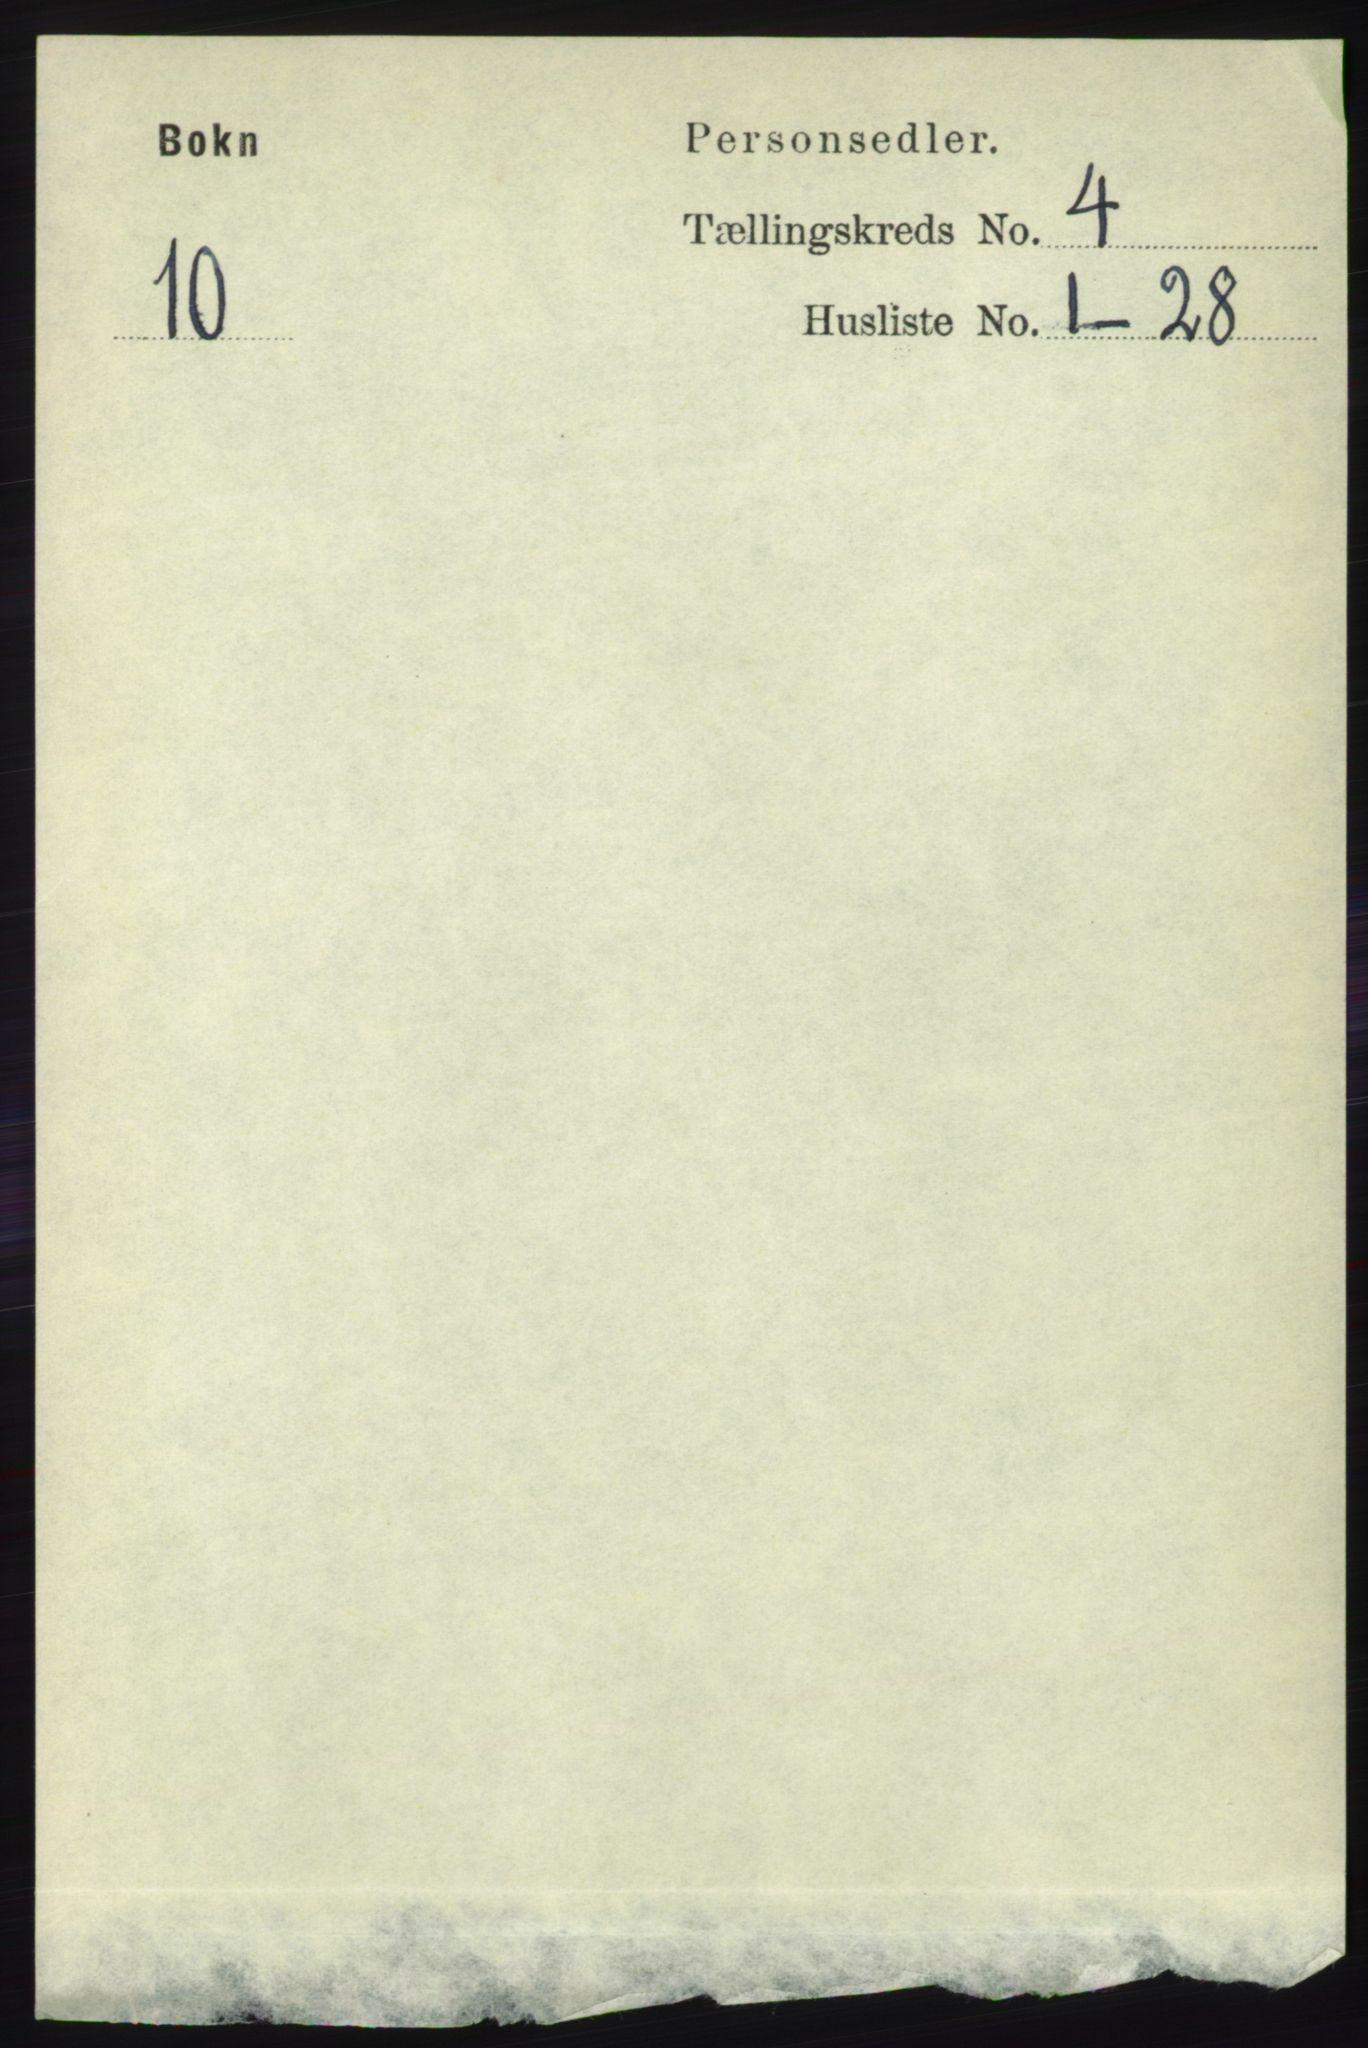 RA, Folketelling 1891 for 1145 Bokn herred, 1891, s. 865